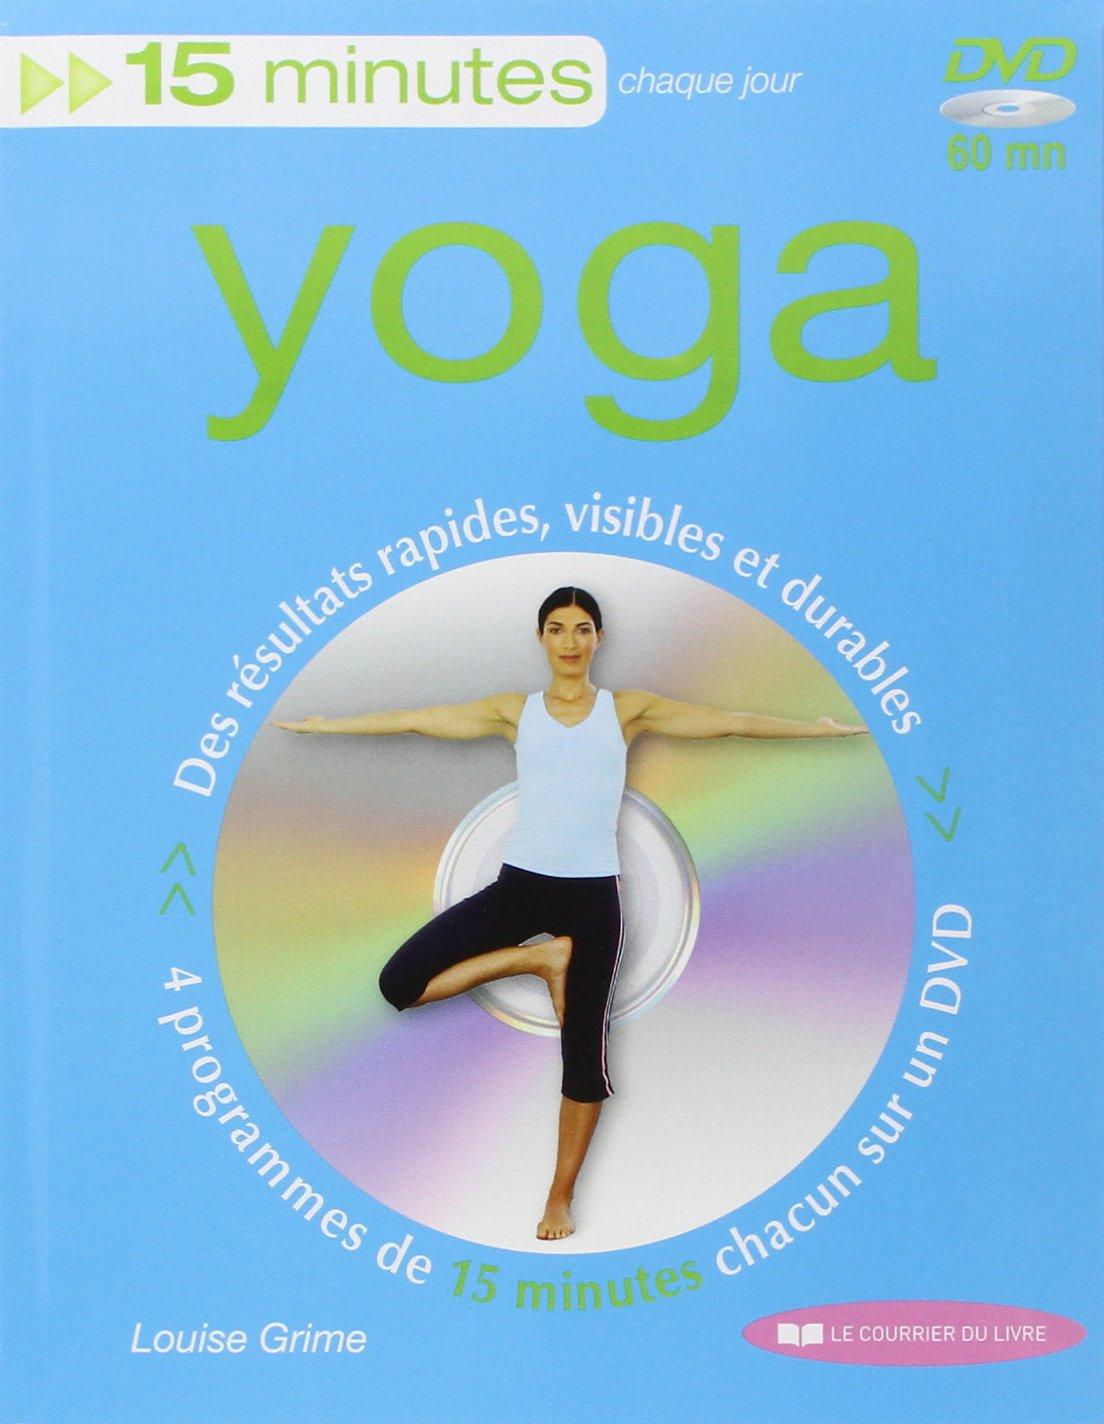 15 minutes yoga livre+DVD 15 minutes par/chaque jour: Amazon ...